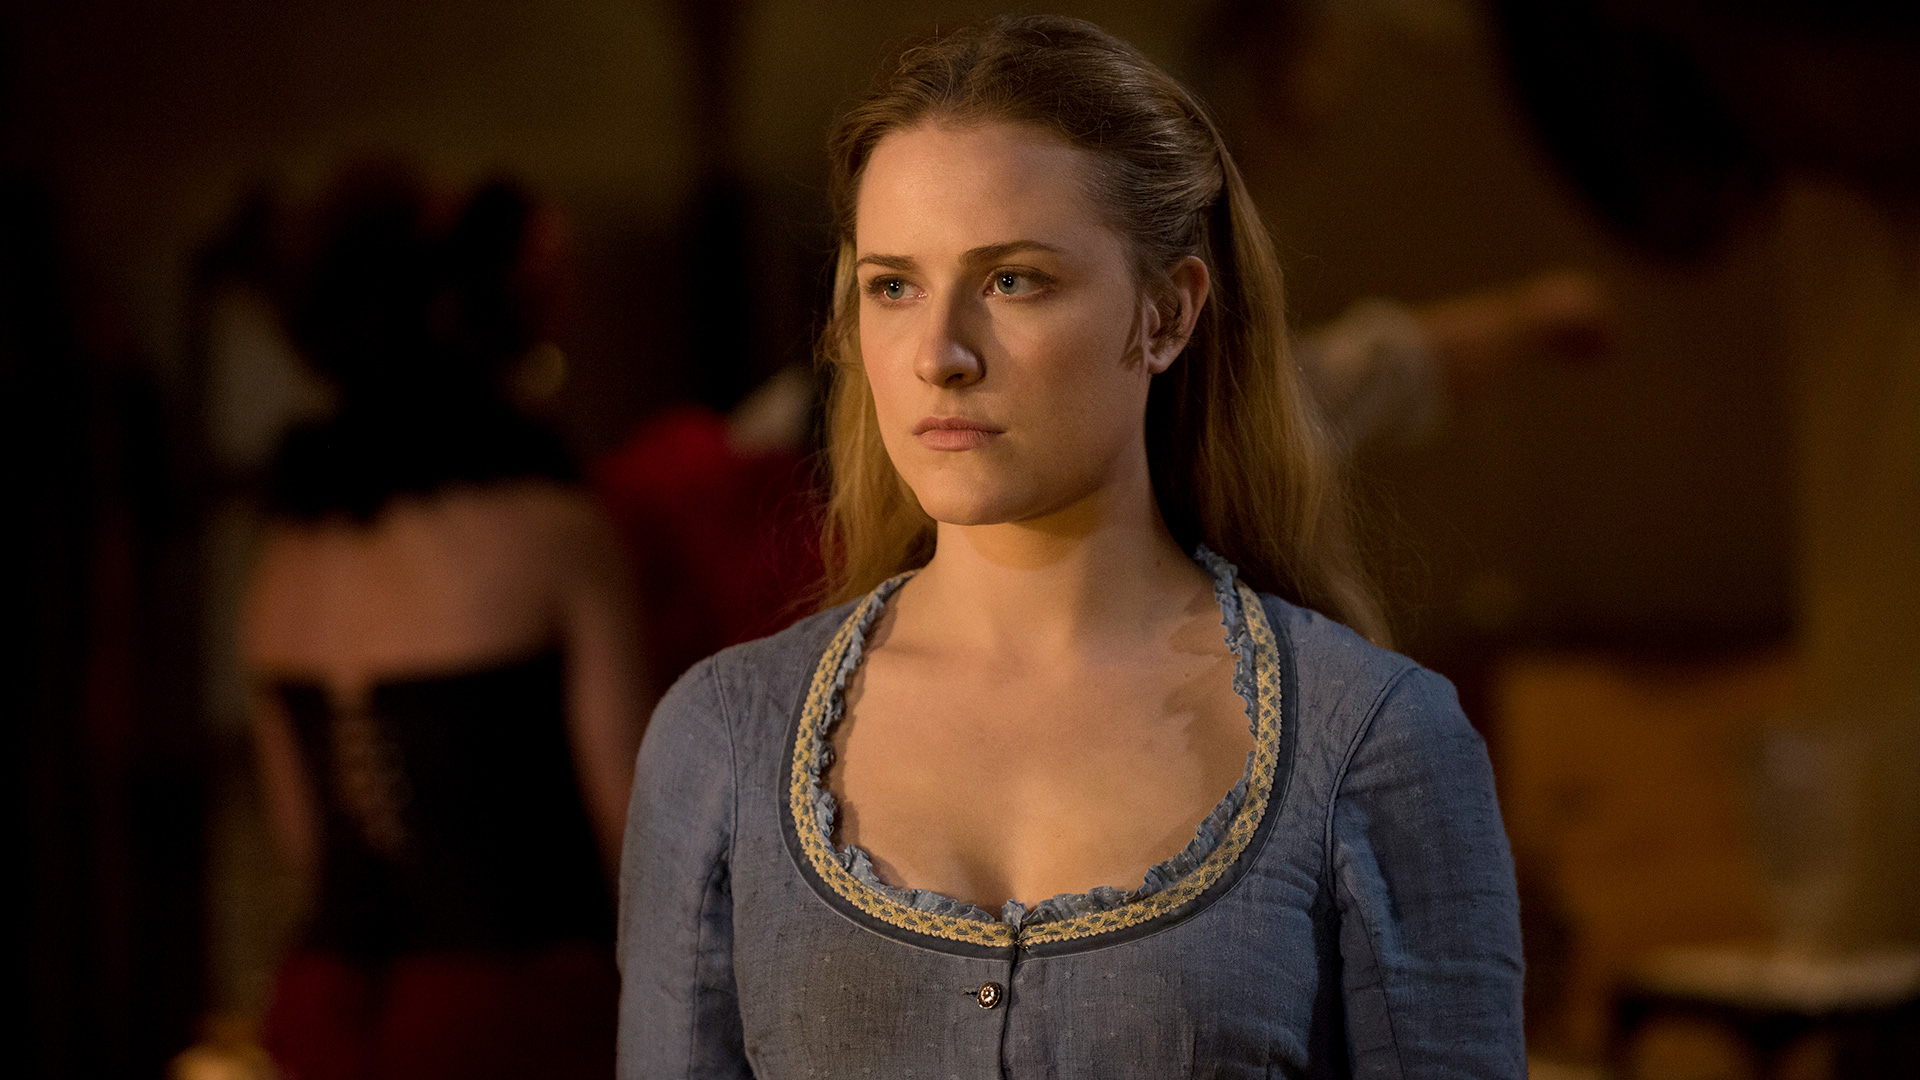 Westworld Star Evan Rachel Wood Ich Wurde Vergewaltigt